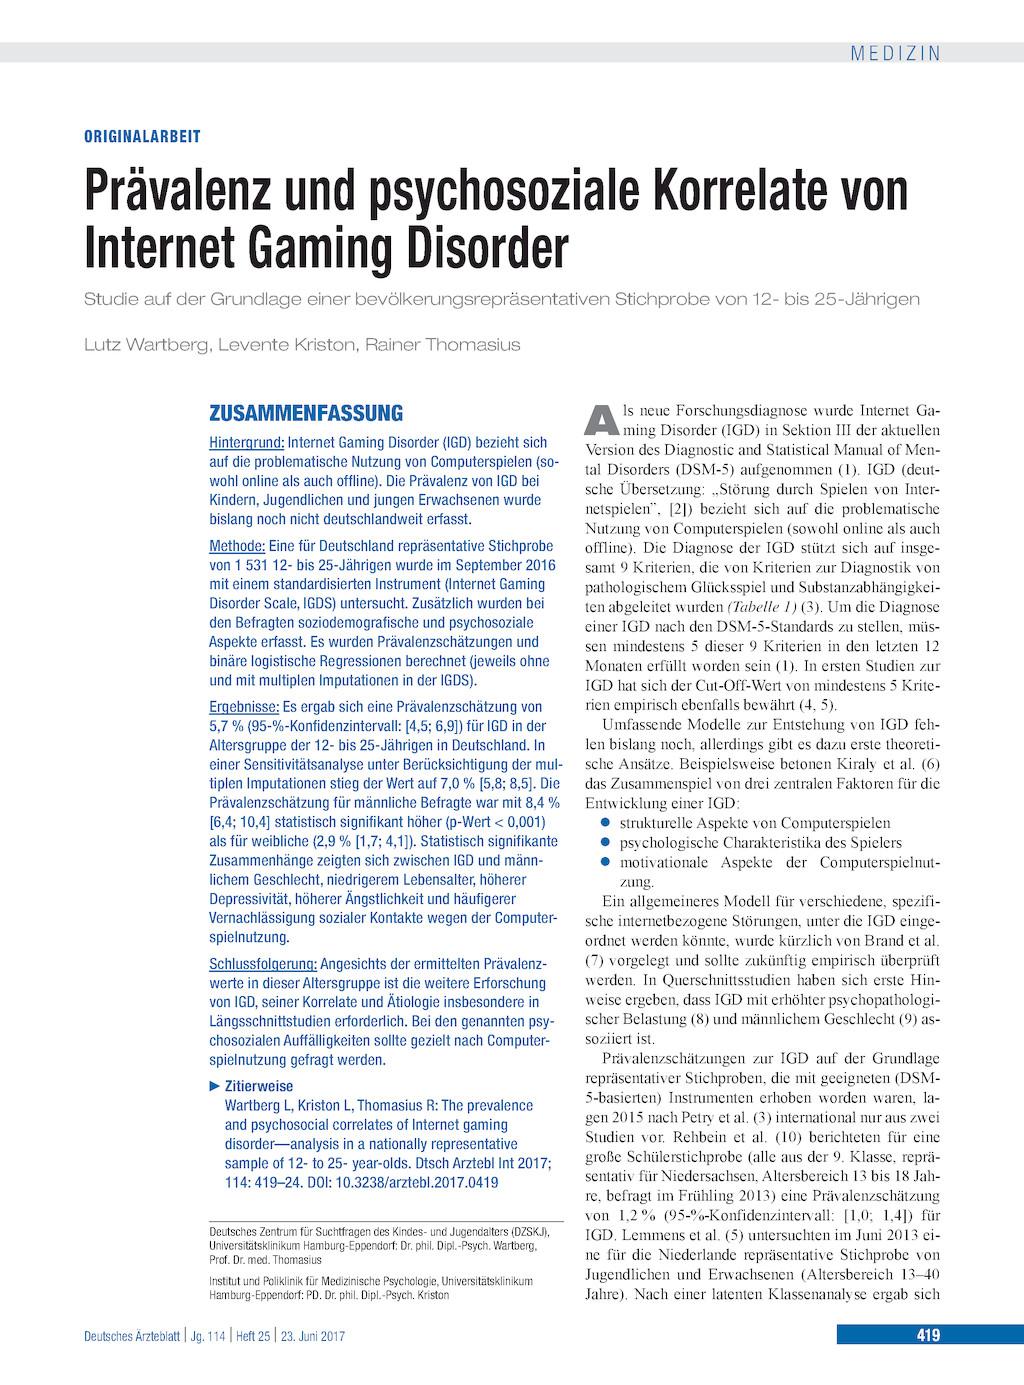 Prävalenz Und Psychosoziale Korrelate Von Internet Gaming Disorder